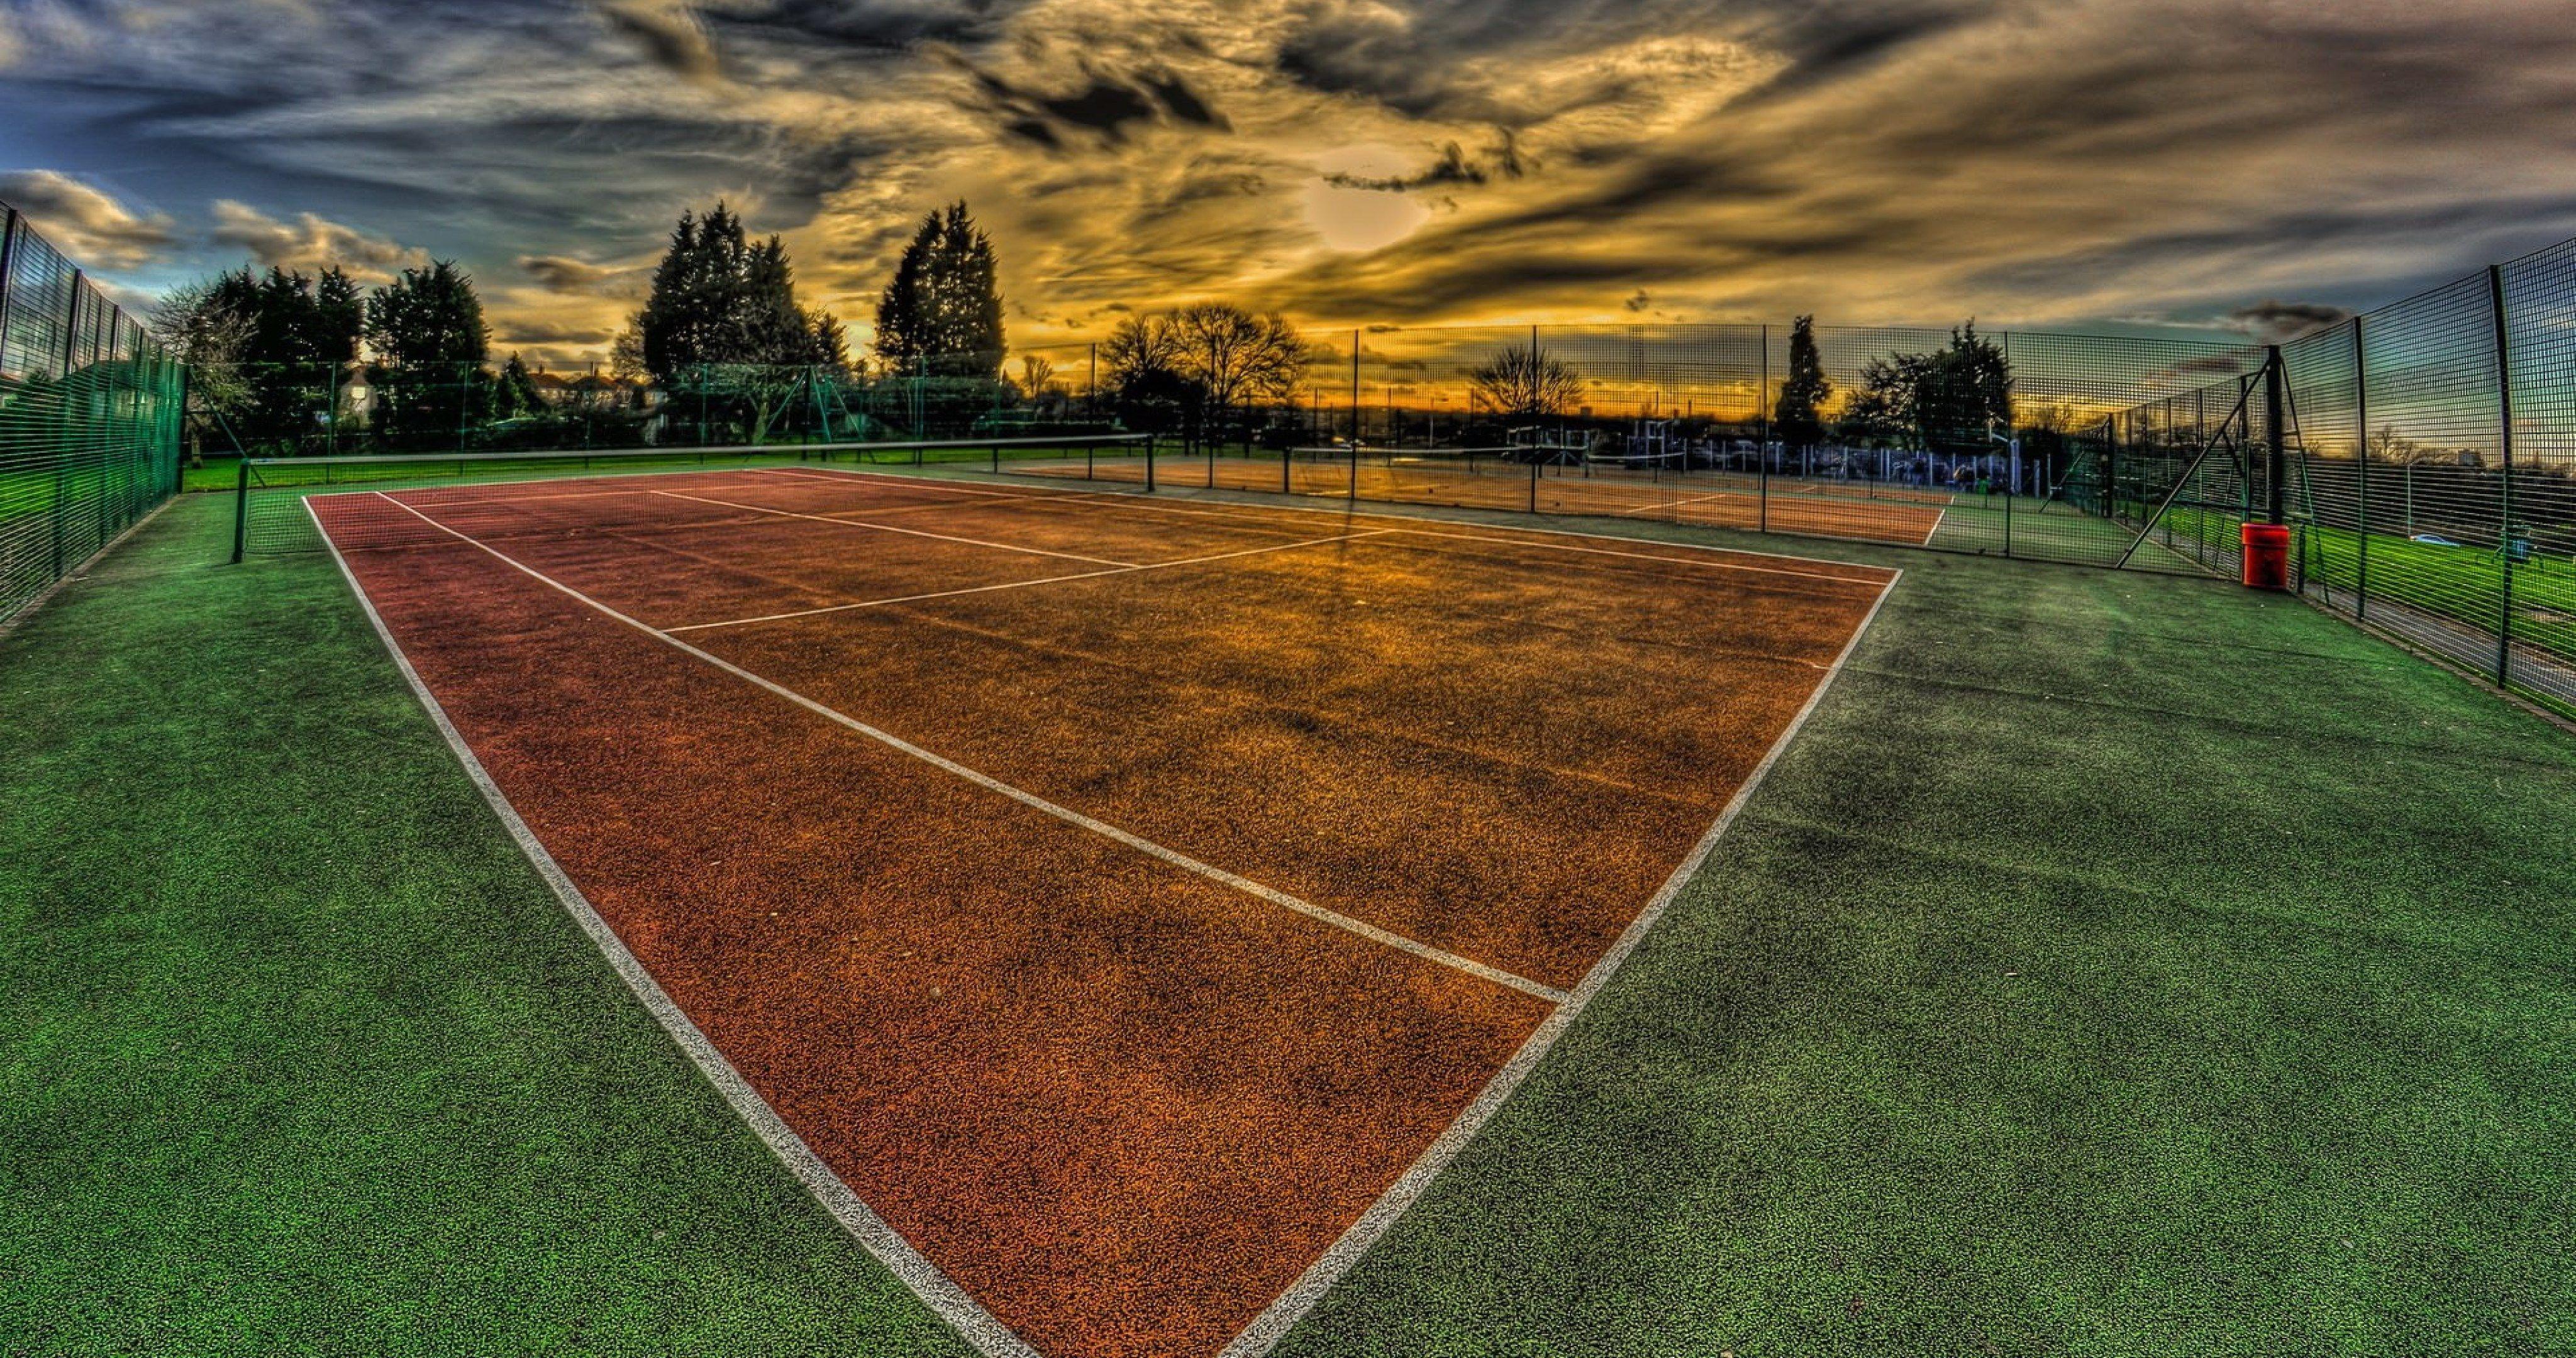 Sport Wallpaper Iphone: Court Sunset Sport Wallpaper 4k Ultra Hd Wallpaper